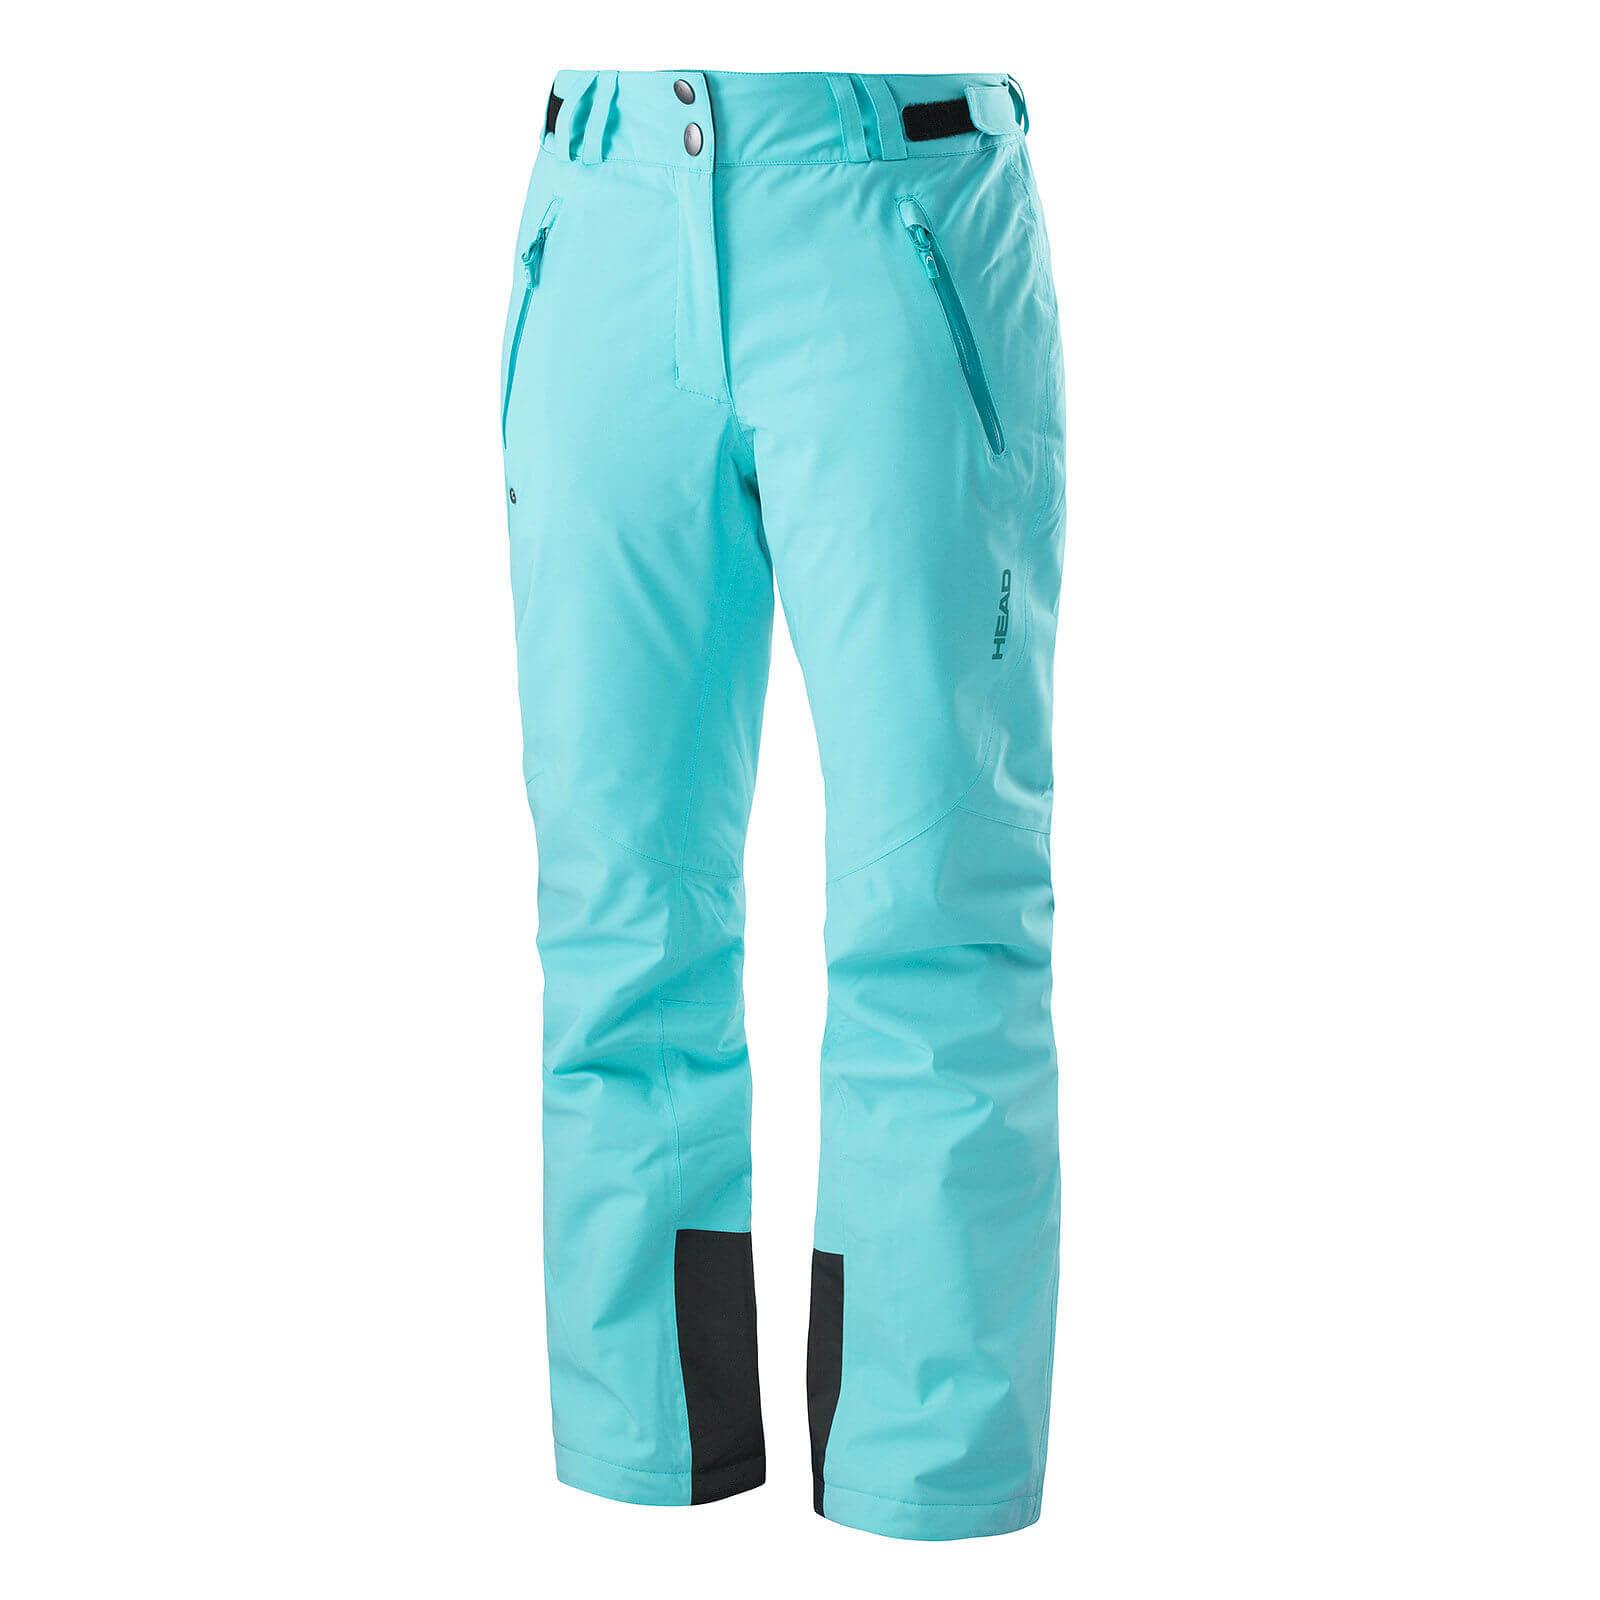 912dfba772e948 HEAD PITO 2L Mint 2018 - spodnie damskie narciarskie MCK Sport